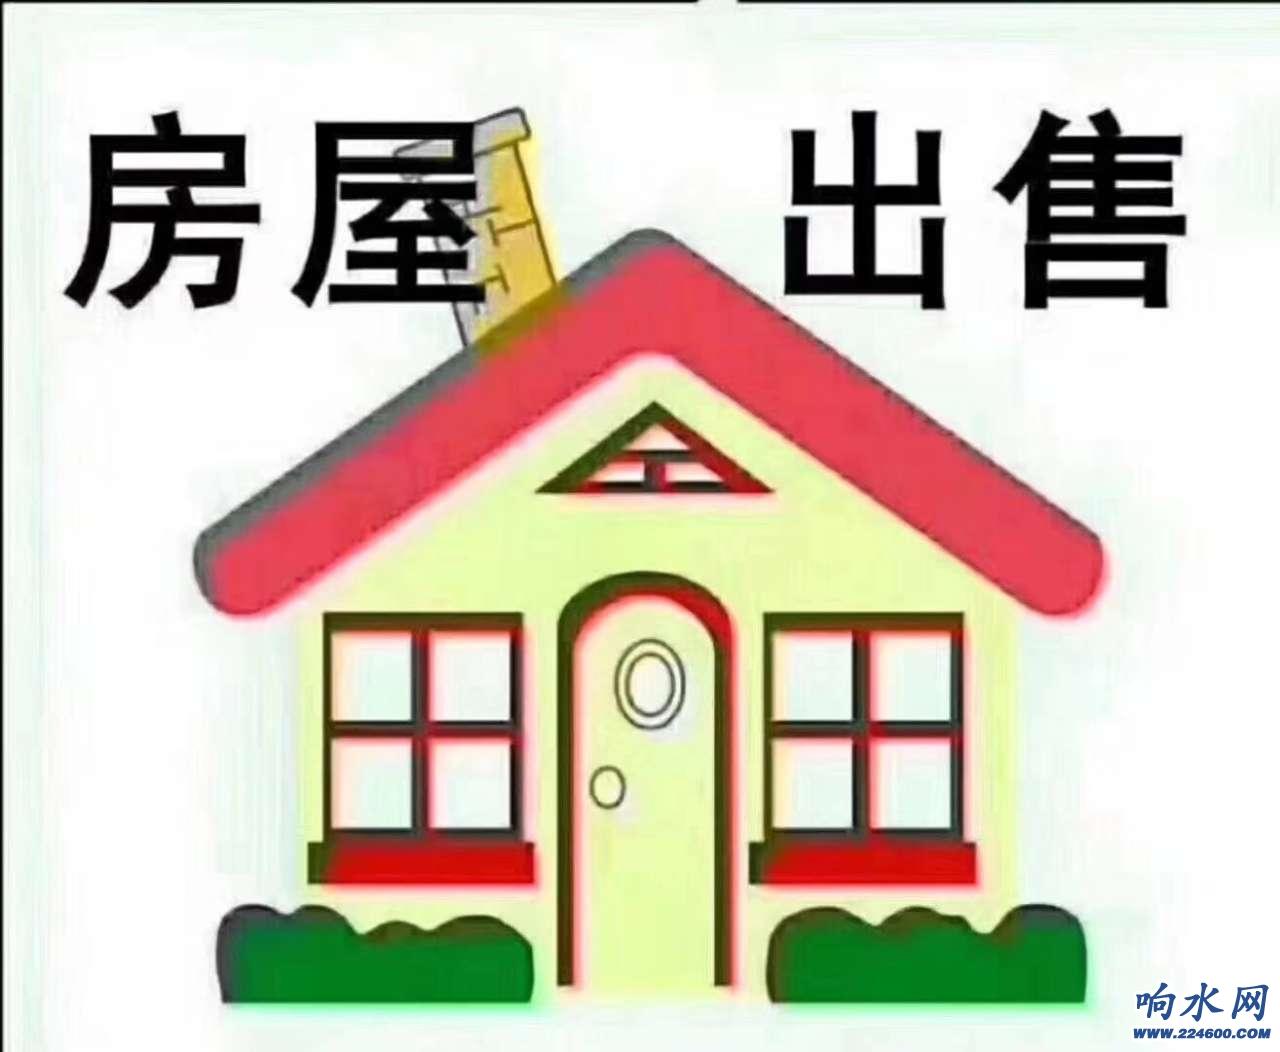 海悦华庭毛坯18楼复式 146.5平方 5室2厅2卫送车库,未满2年,售价108万13912590066